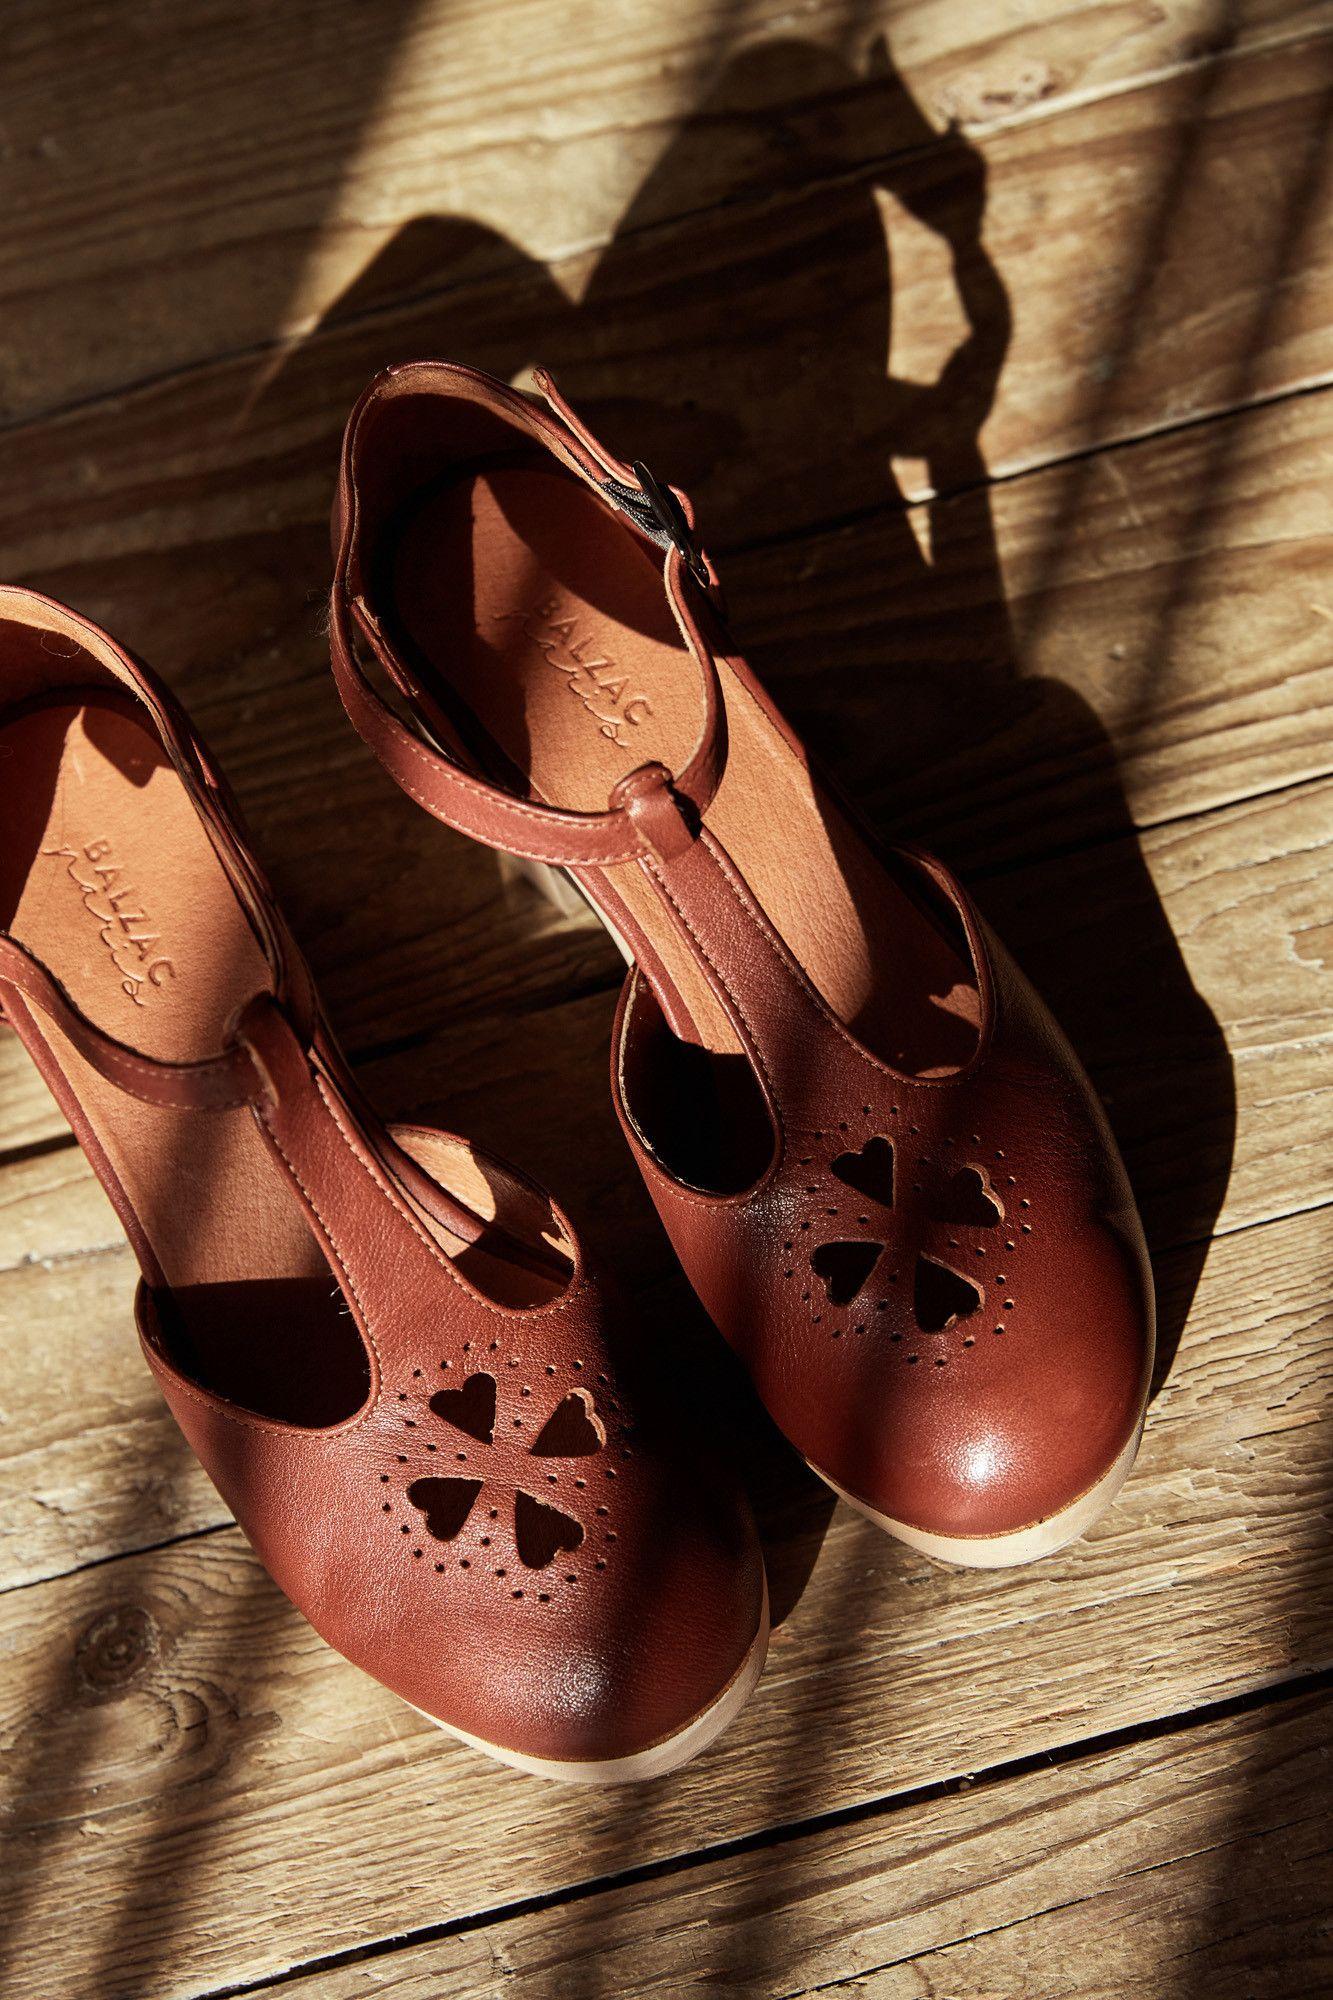 Sabots Terracotta Myrtille Balzac ParisChaussures Chaussure wOP0nk